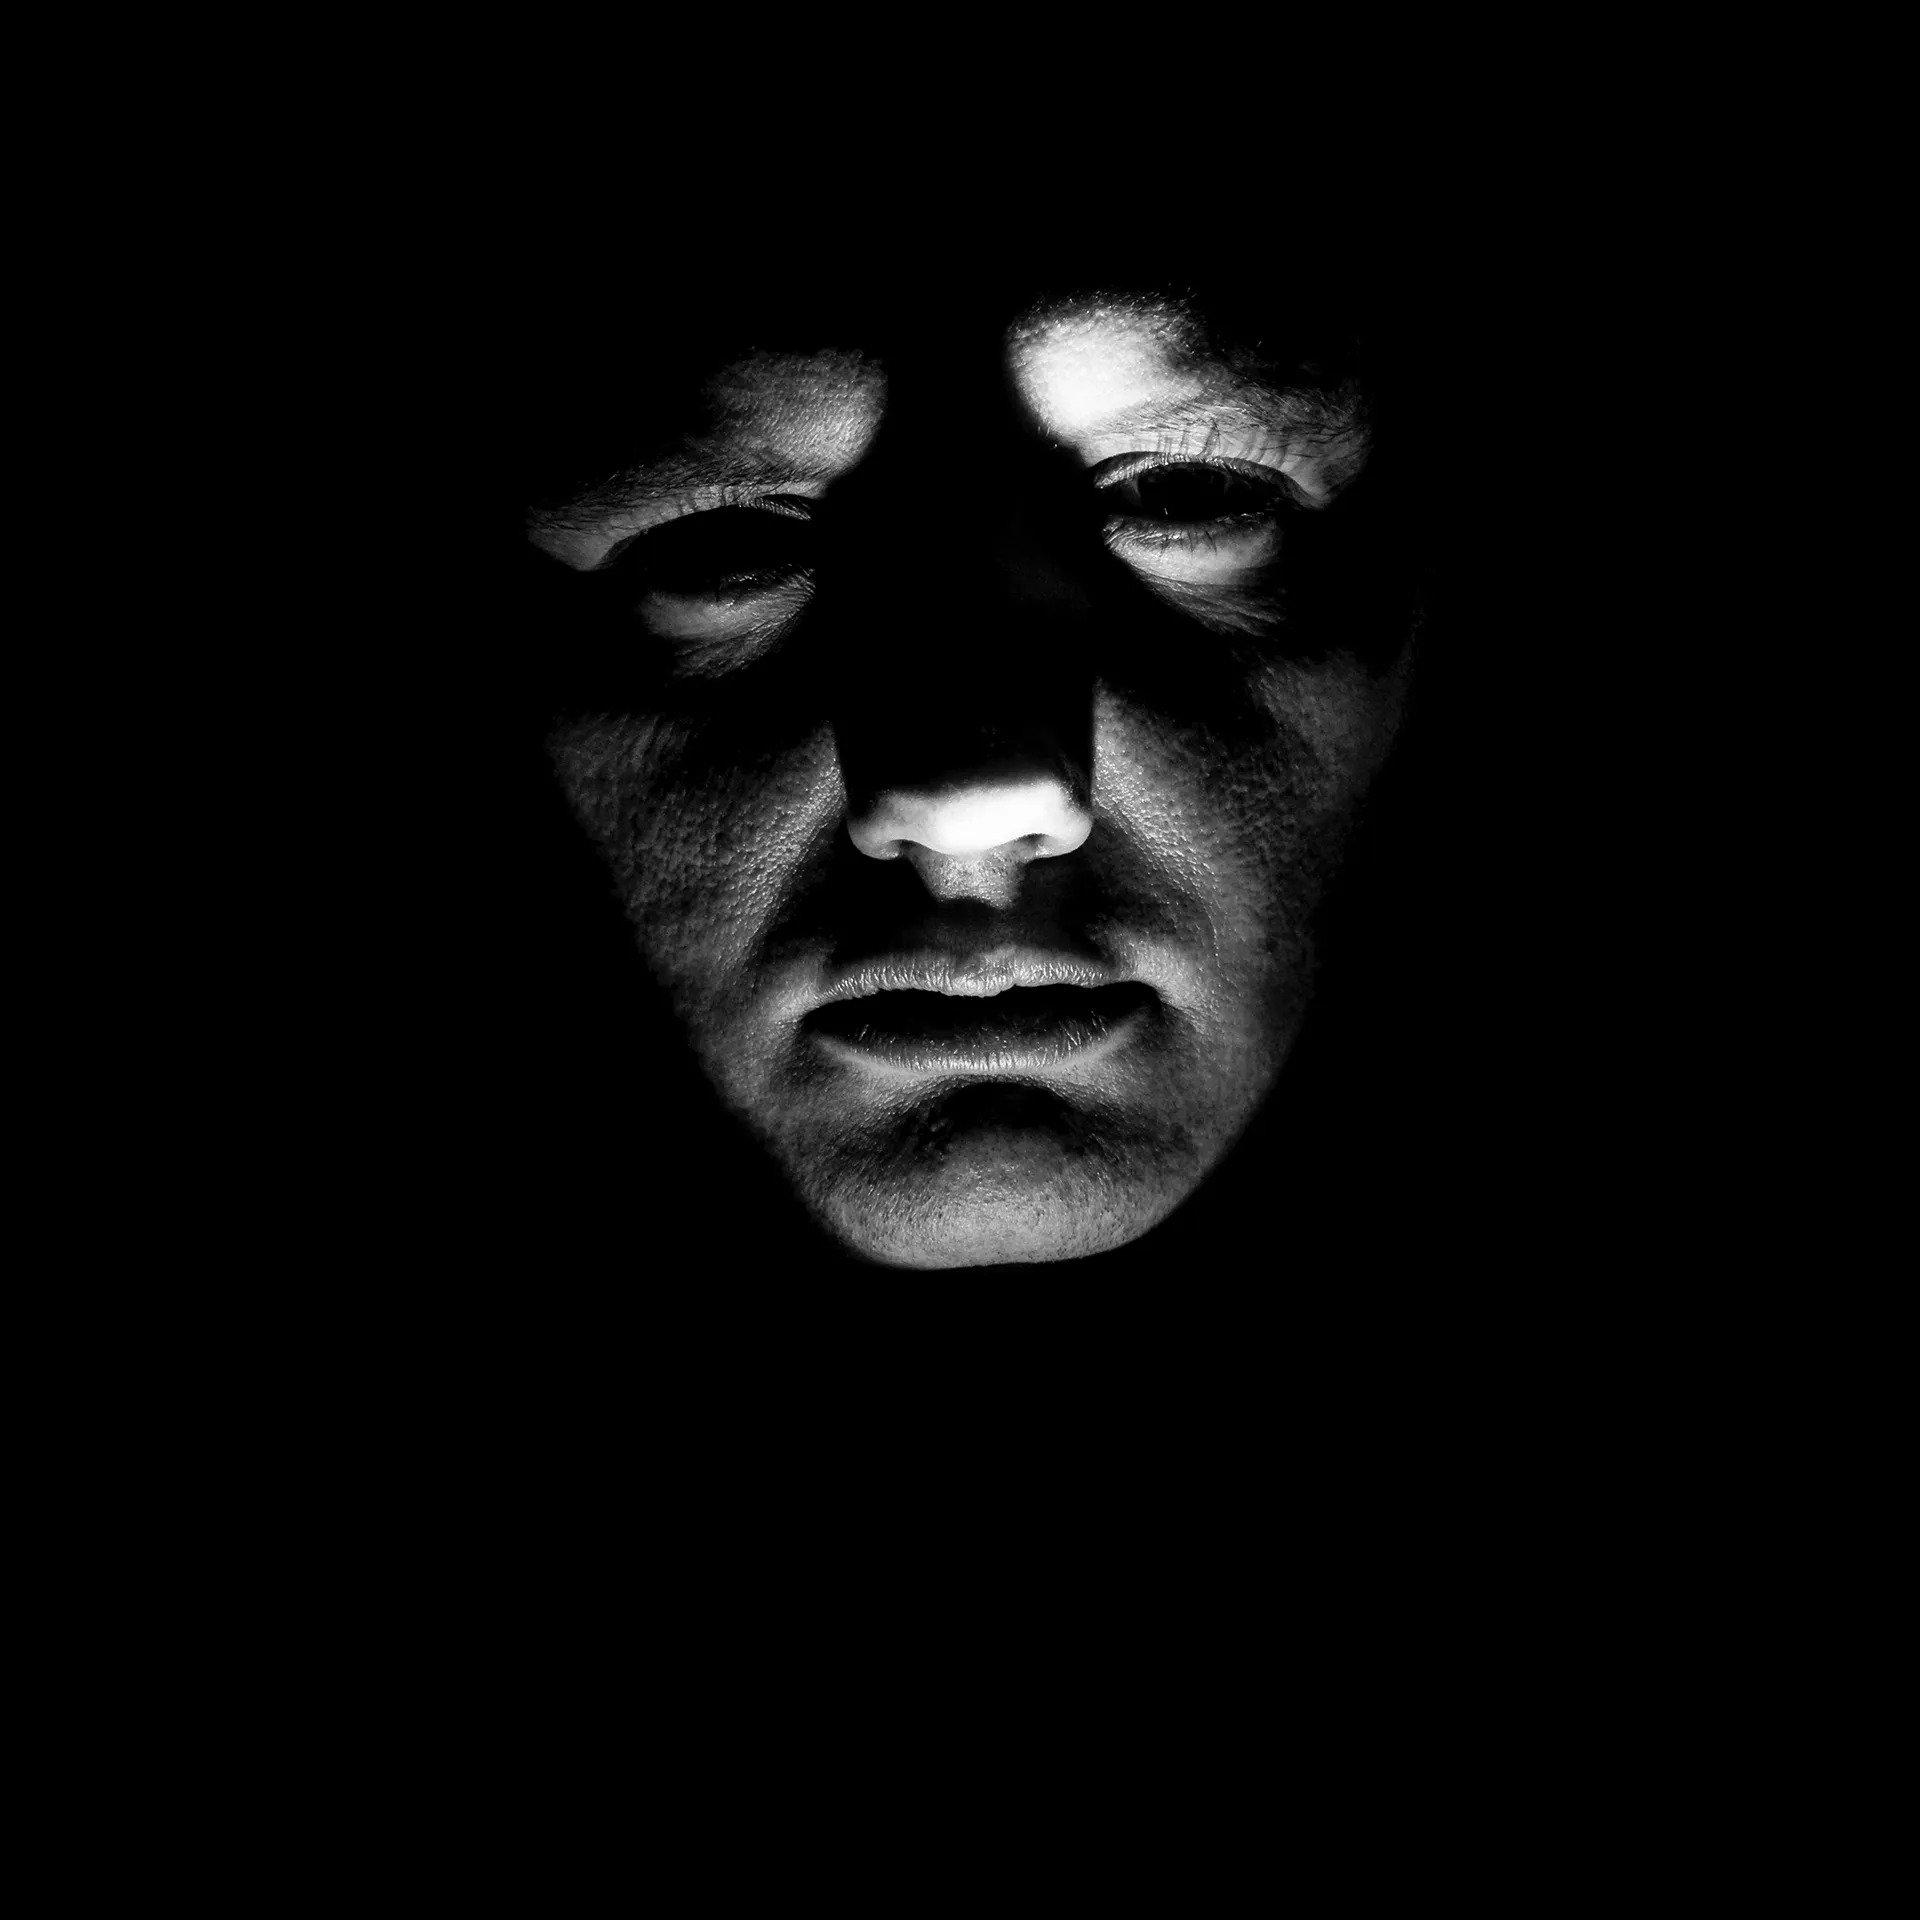 این ۵ فیلم ترسناک را هرگز تنها نبینید! / بخش اول